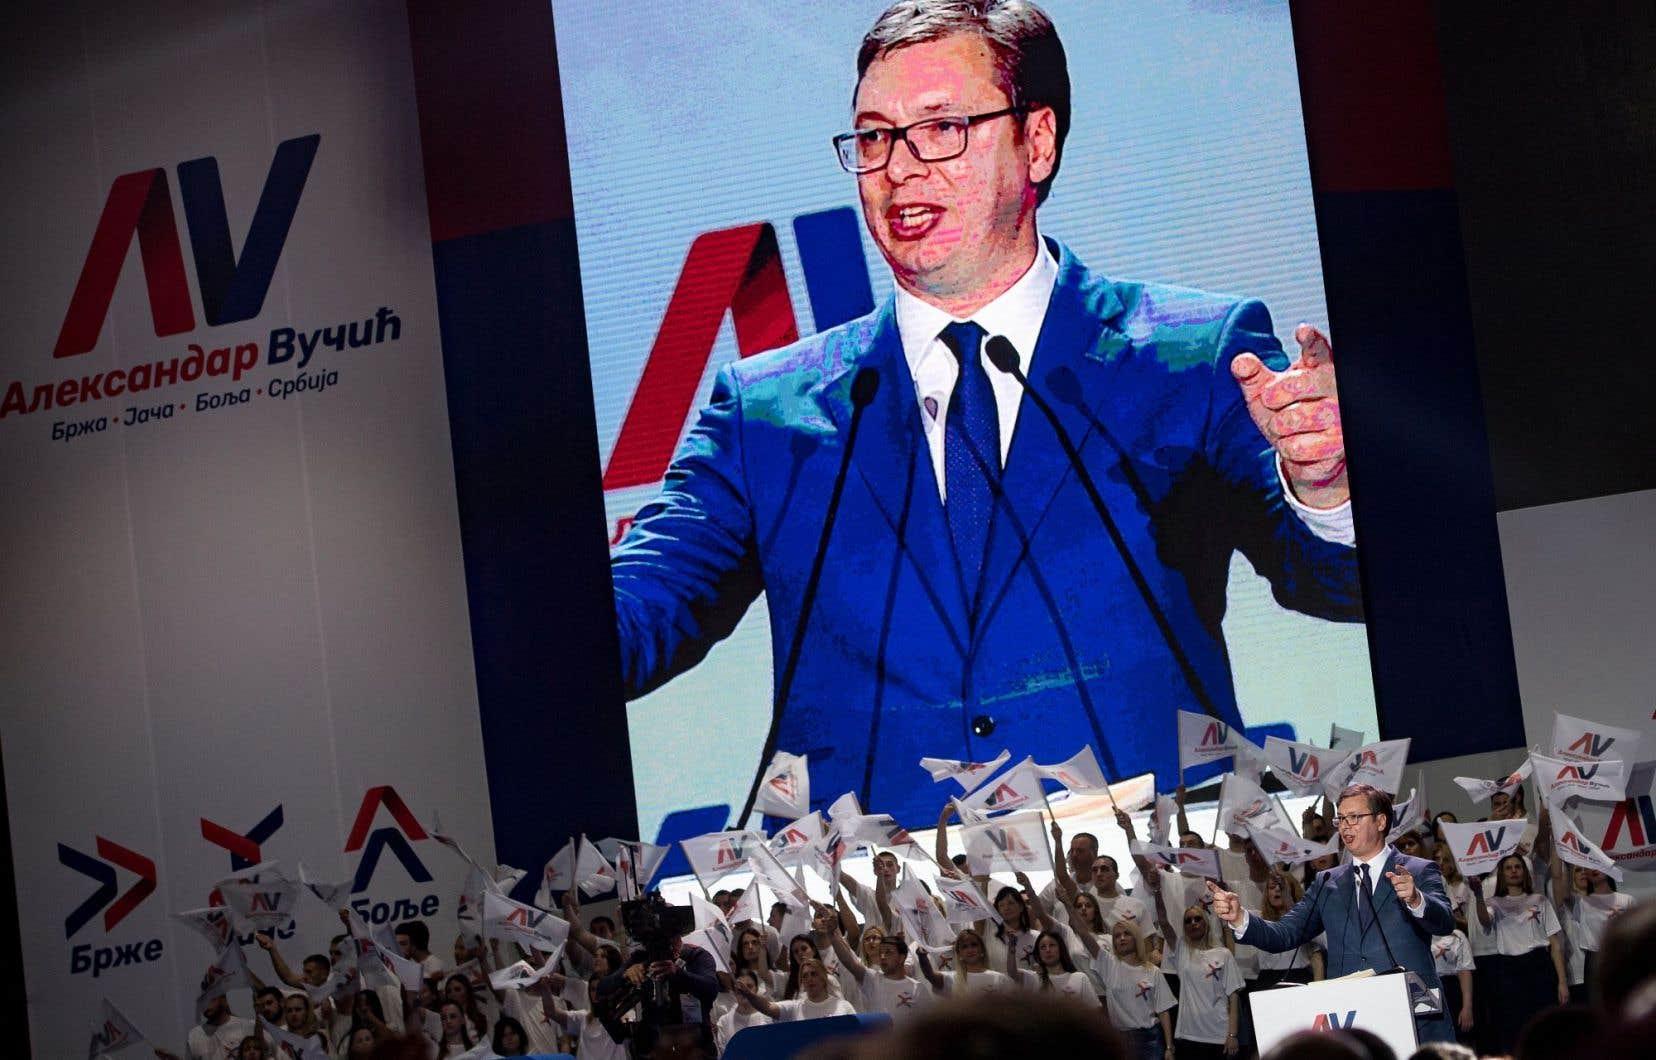 Aleksandar Vucic s'adressant à la foule lors d'un rassemblement partisan le 24 mars dernier